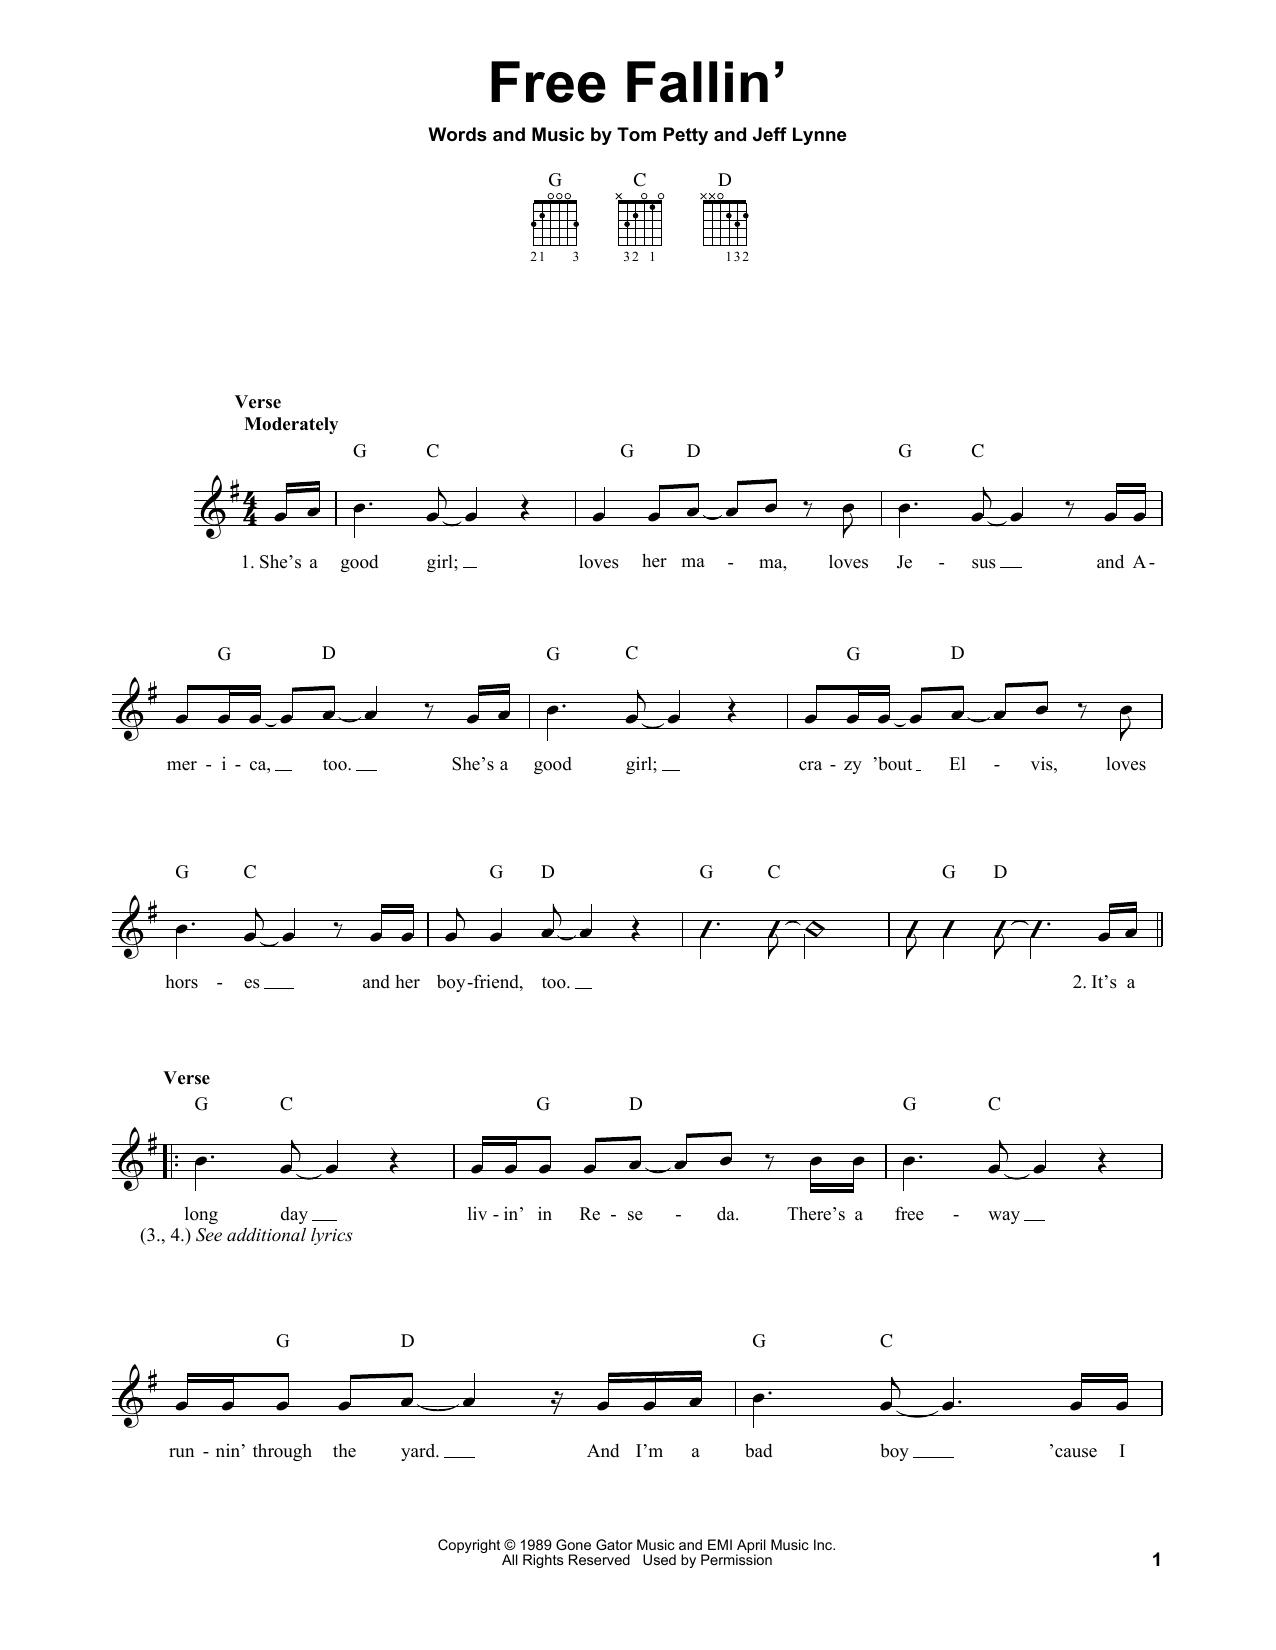 Free fallin sheet music direct sheet preview free fallin hexwebz Image collections